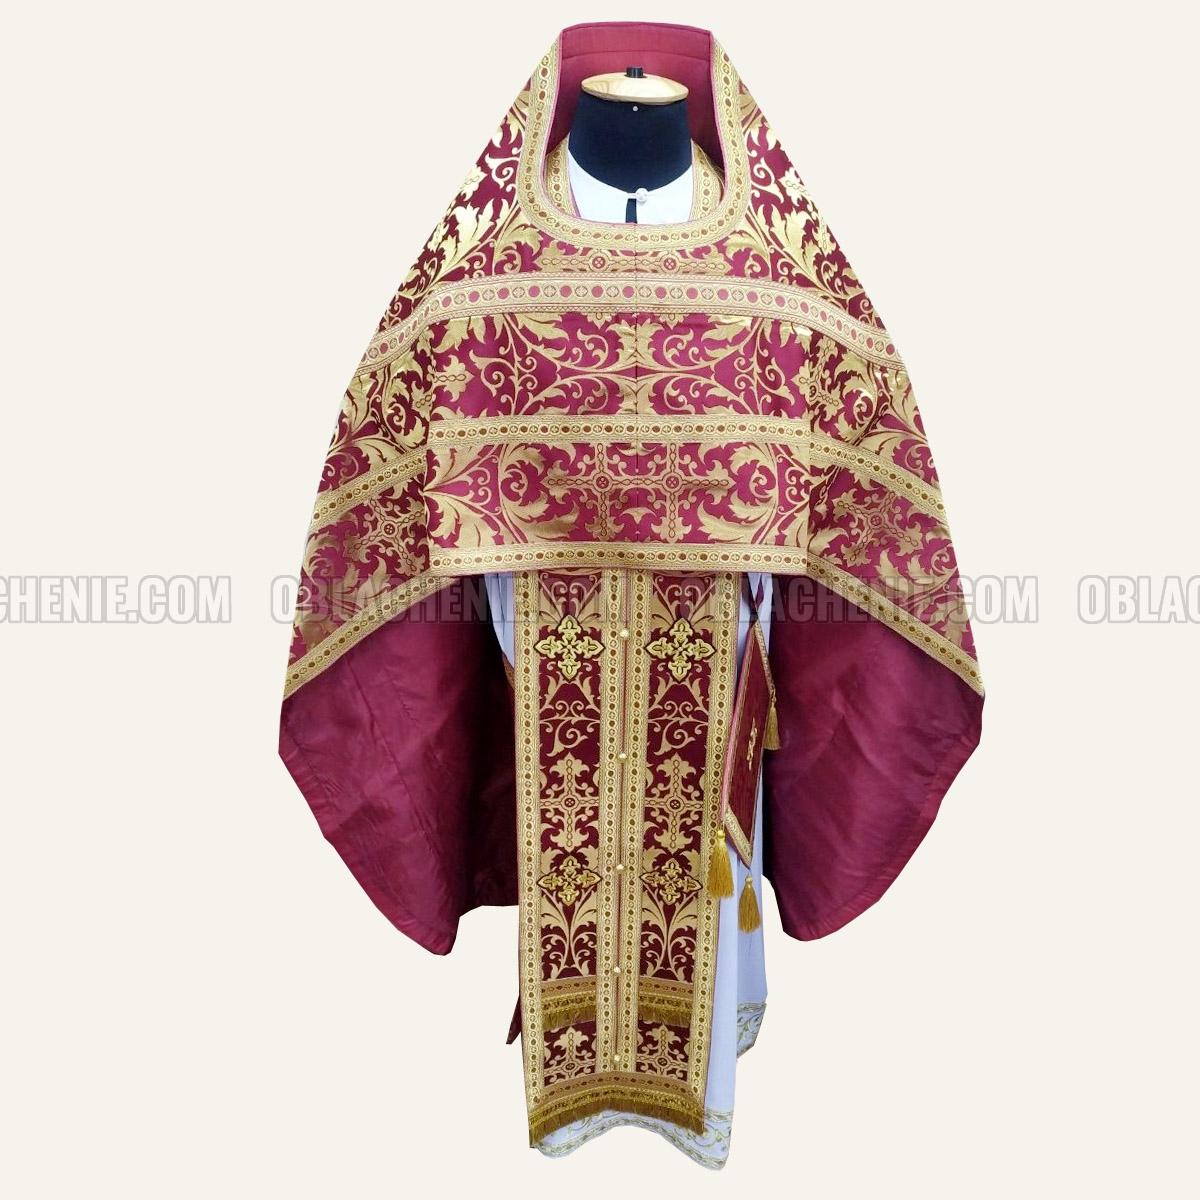 Priest's vestments 10674